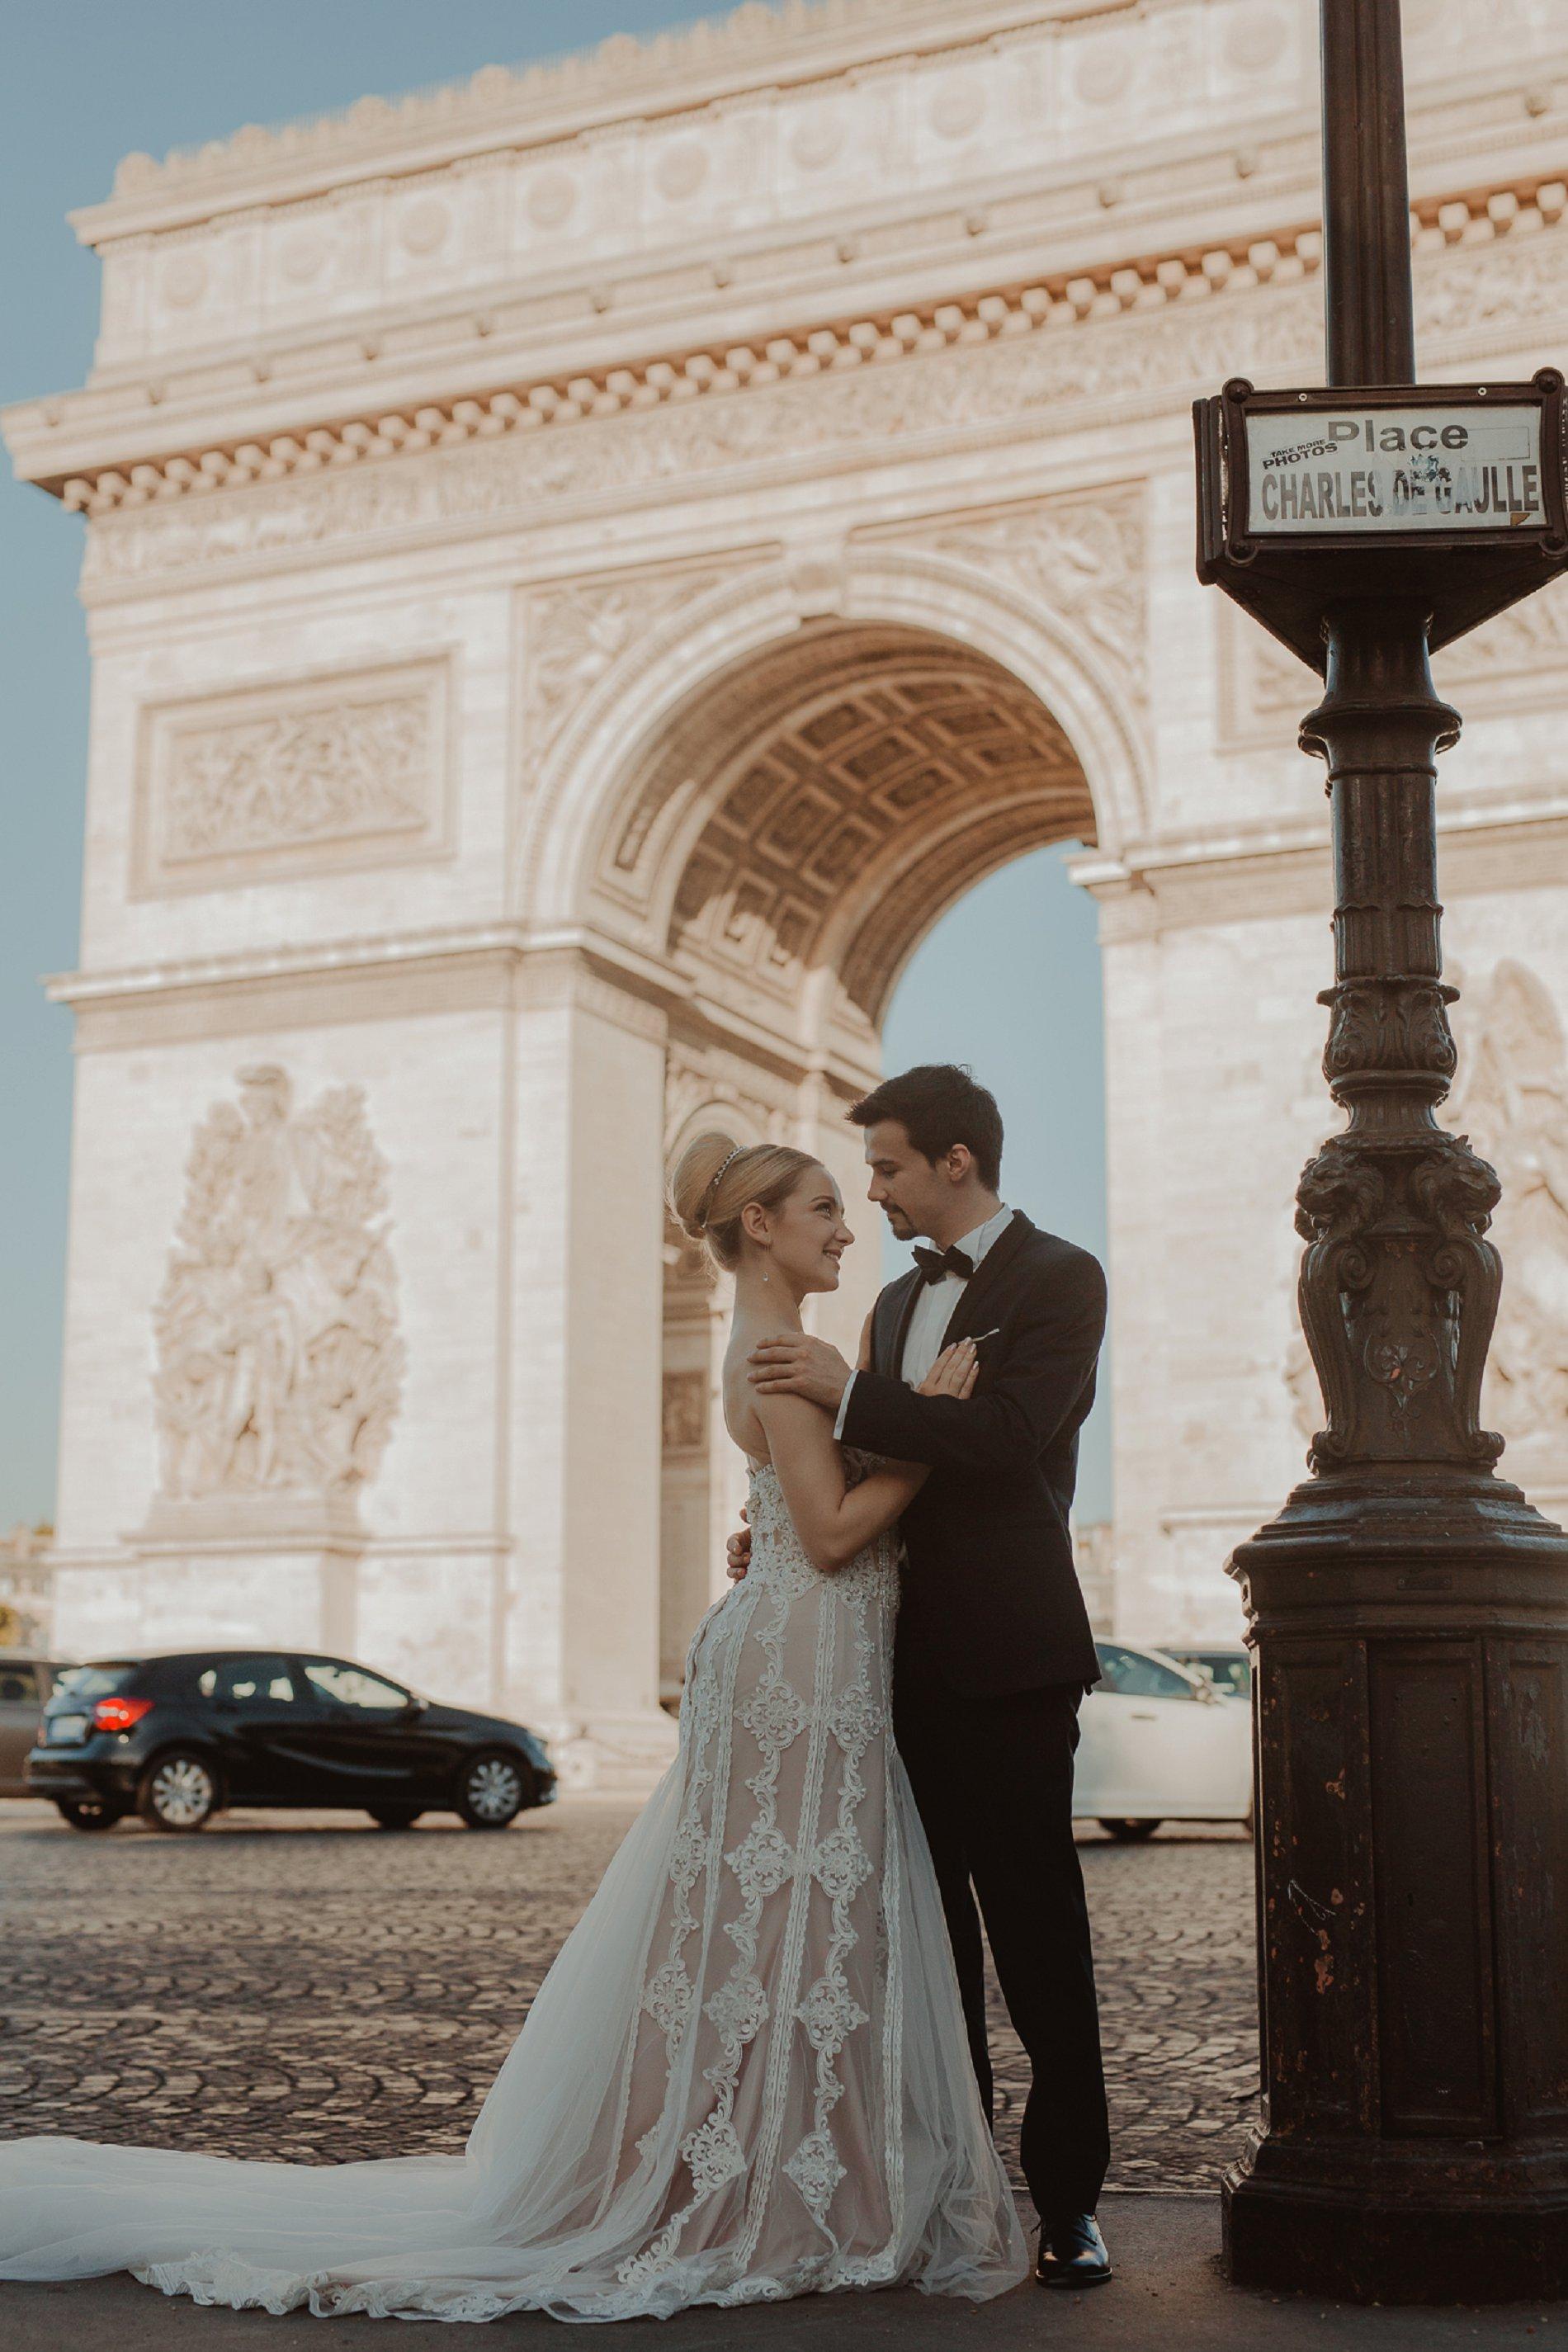 Miss He Bridal Romantic Paris Elopement (c) Xanthe Rowland Photography (35)